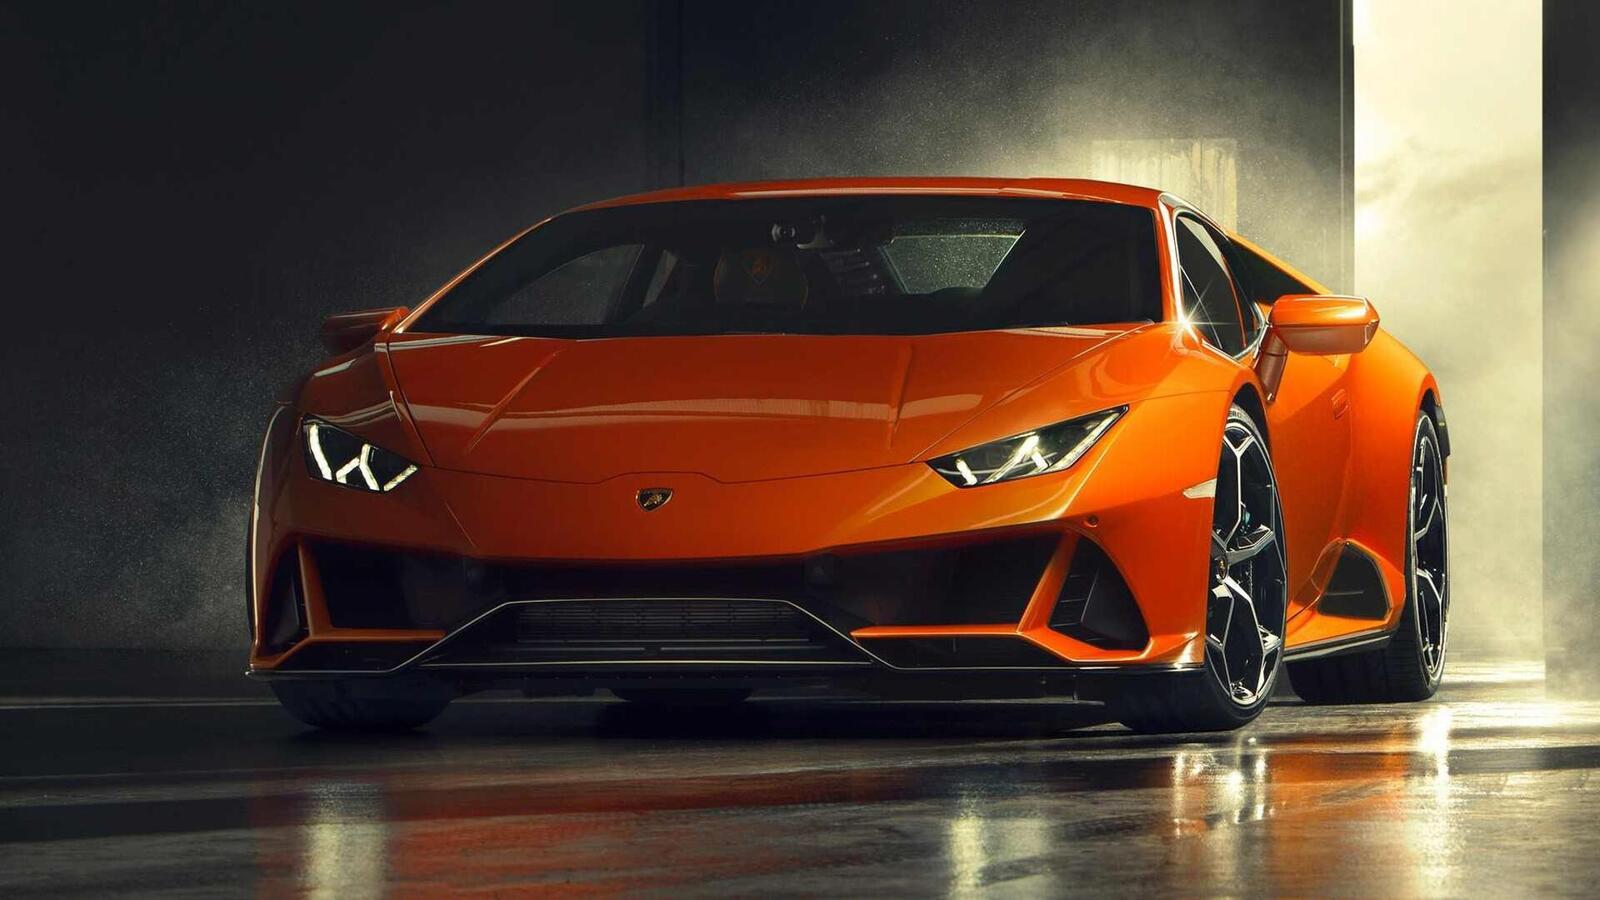 Lamborghini giới thiệu Huracan EVO mới với sức mạnh 640 mã lực - Hình 1